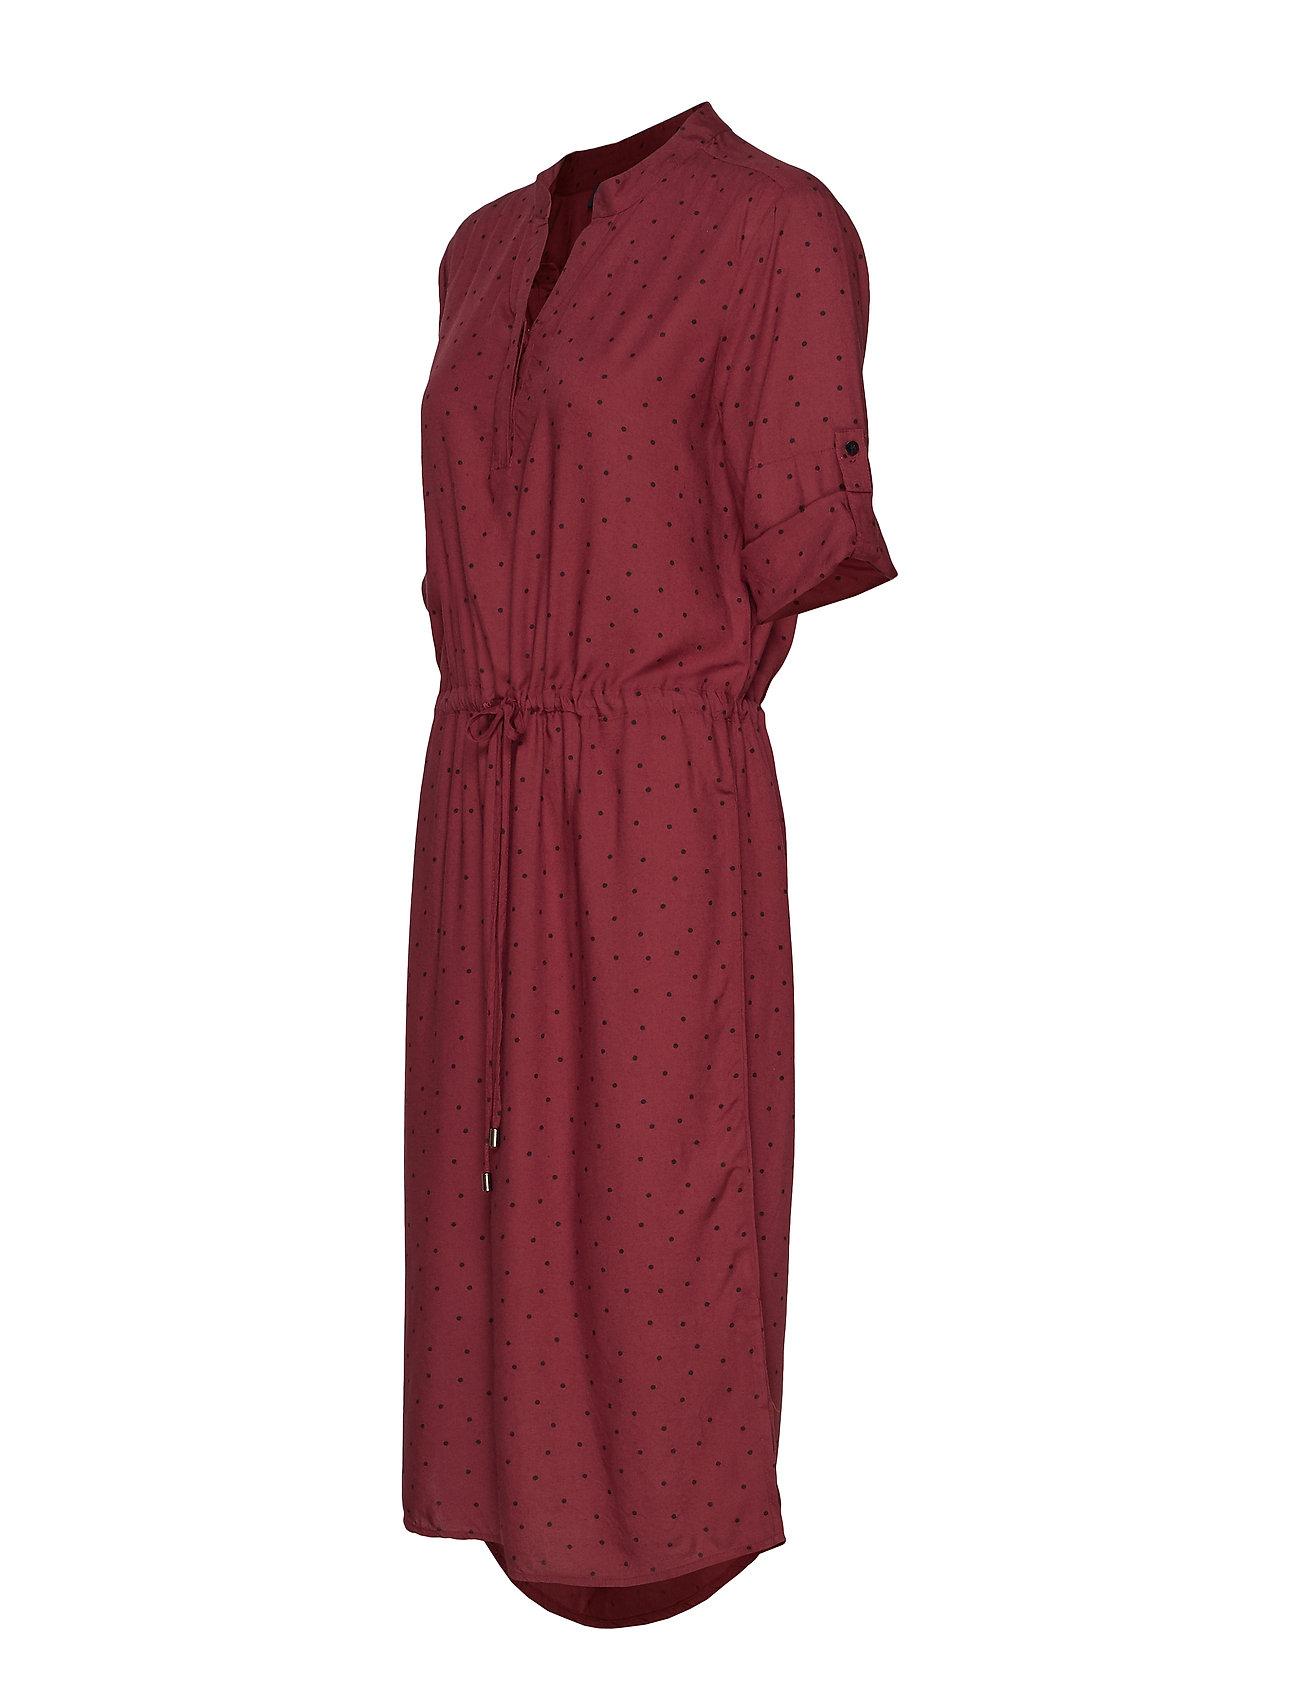 Sl Black Sandie DotsSoaked In Dresszinfandel Luxury Zaya With hCrdxQts